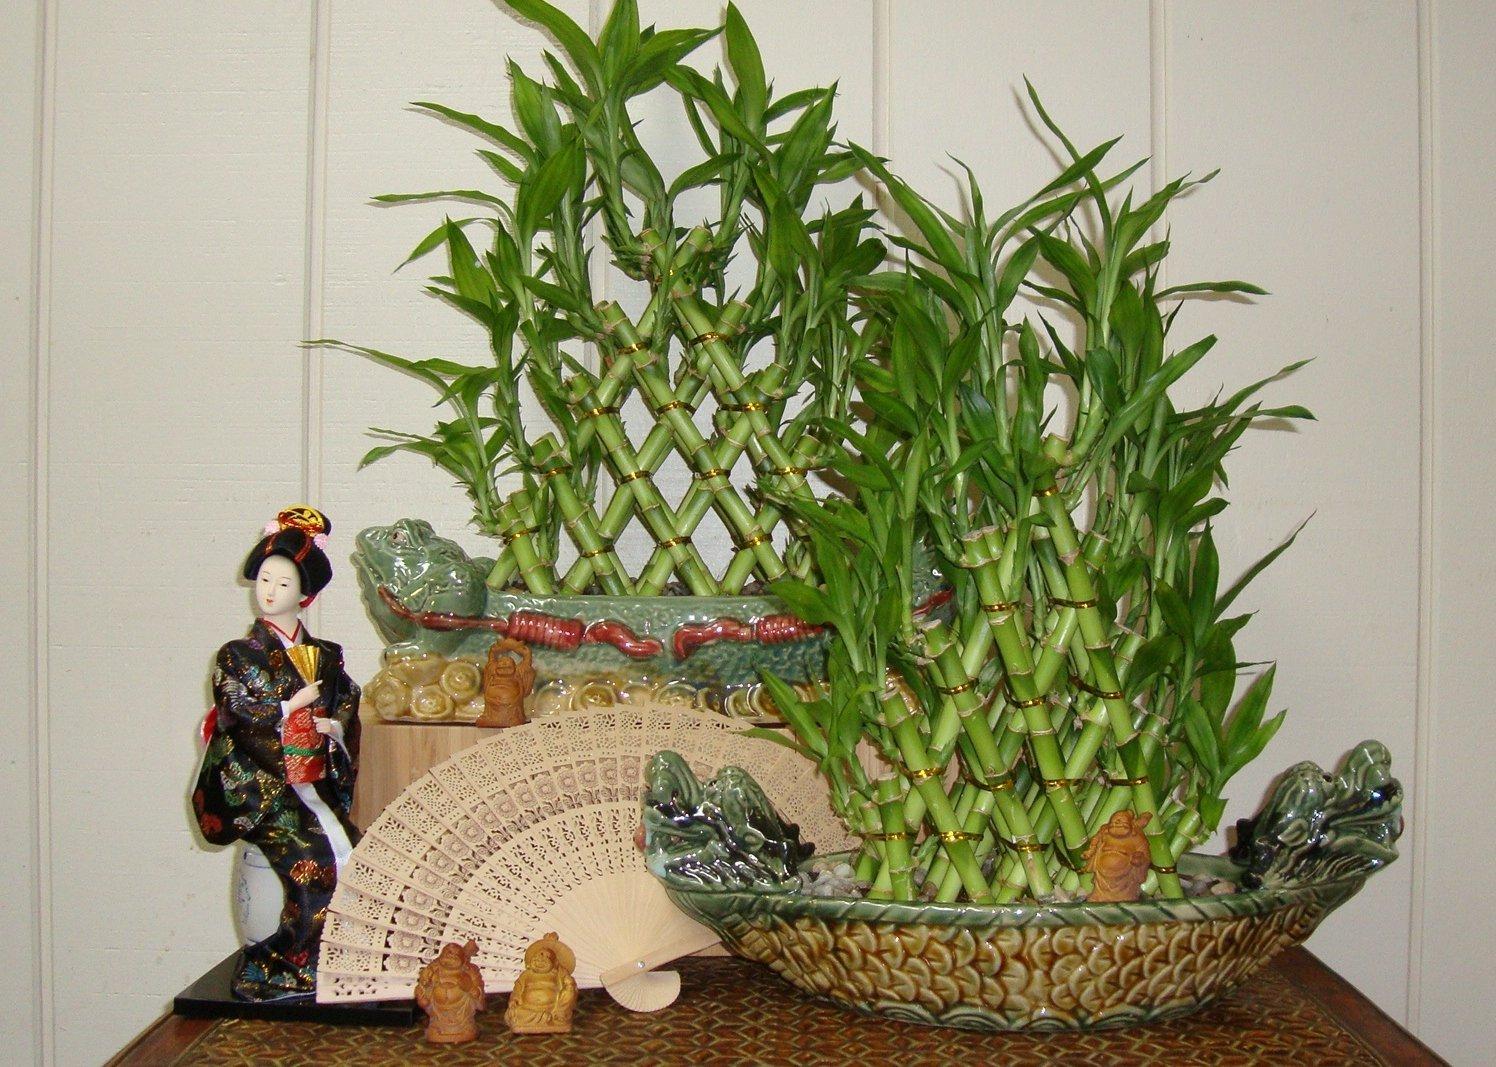 Емкости из фарфора с комнатным бамбуком